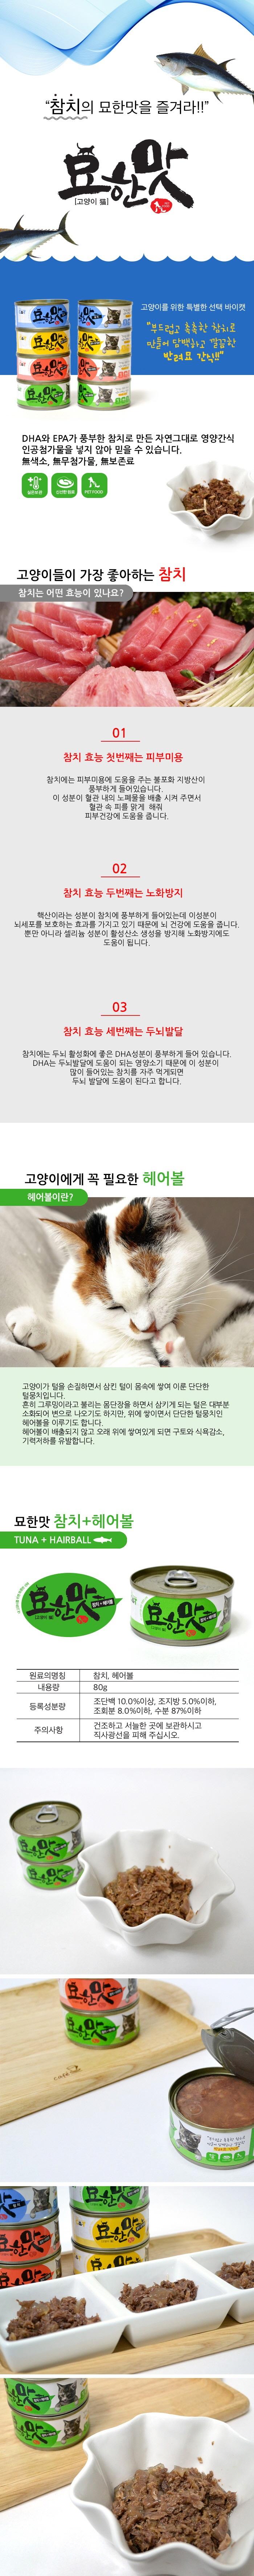 고양이,반려묘,애완동물,용품,소품,간식